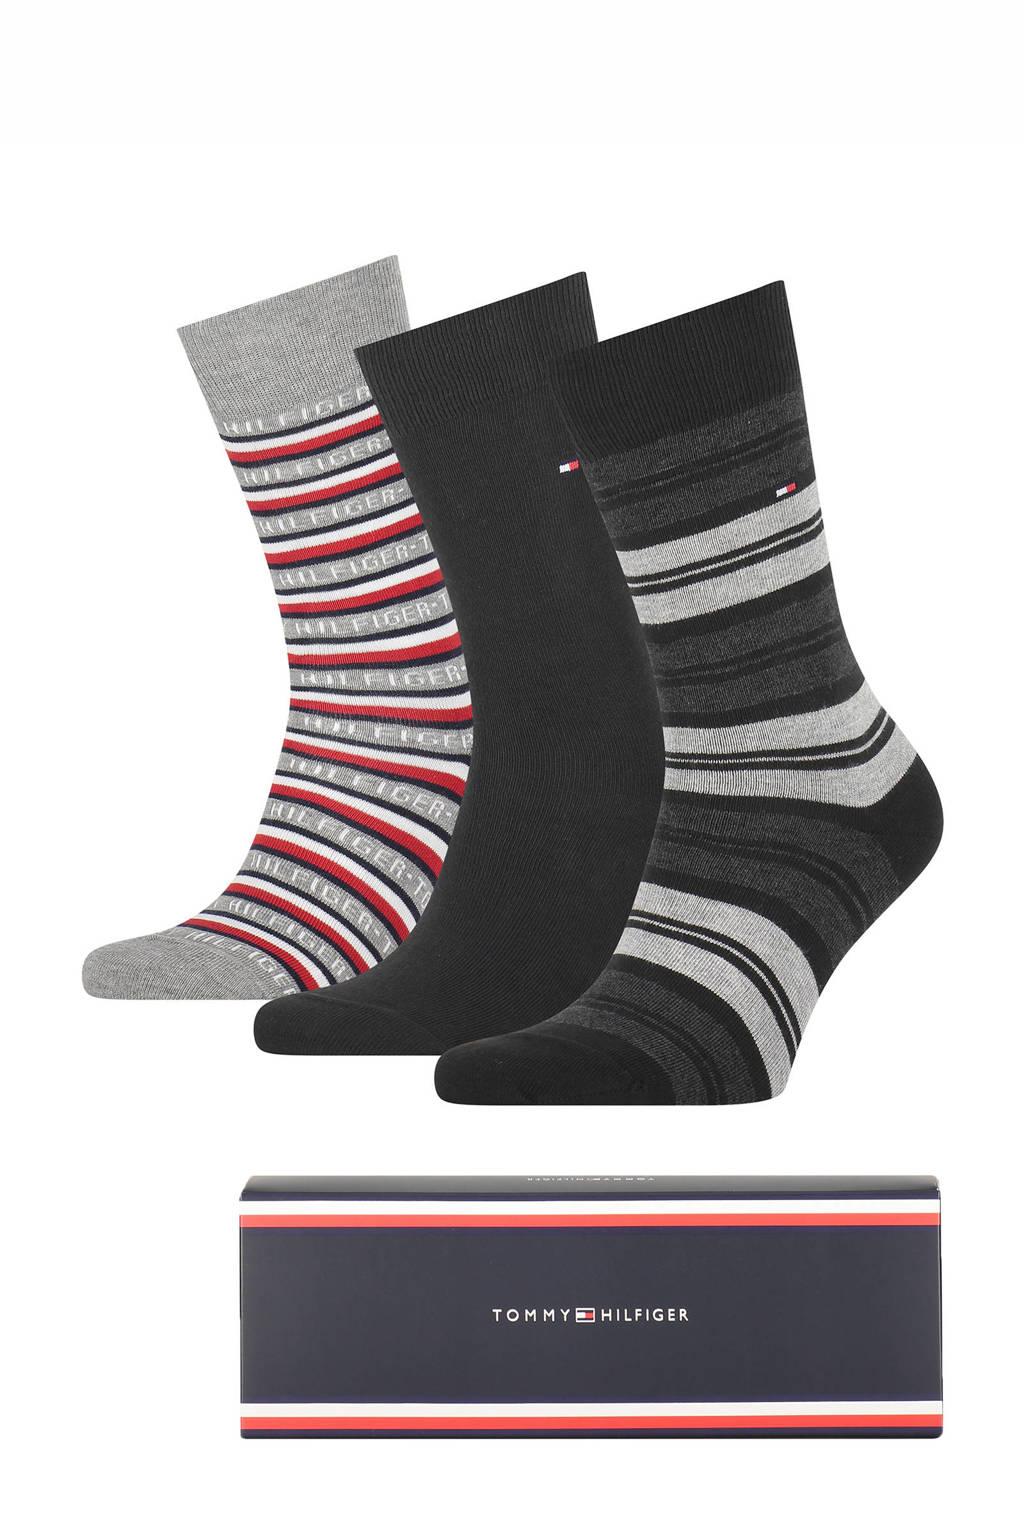 Tommy Hilfiger giftbox sokken - set van 3 zwart/grijs, Zwart/grijs